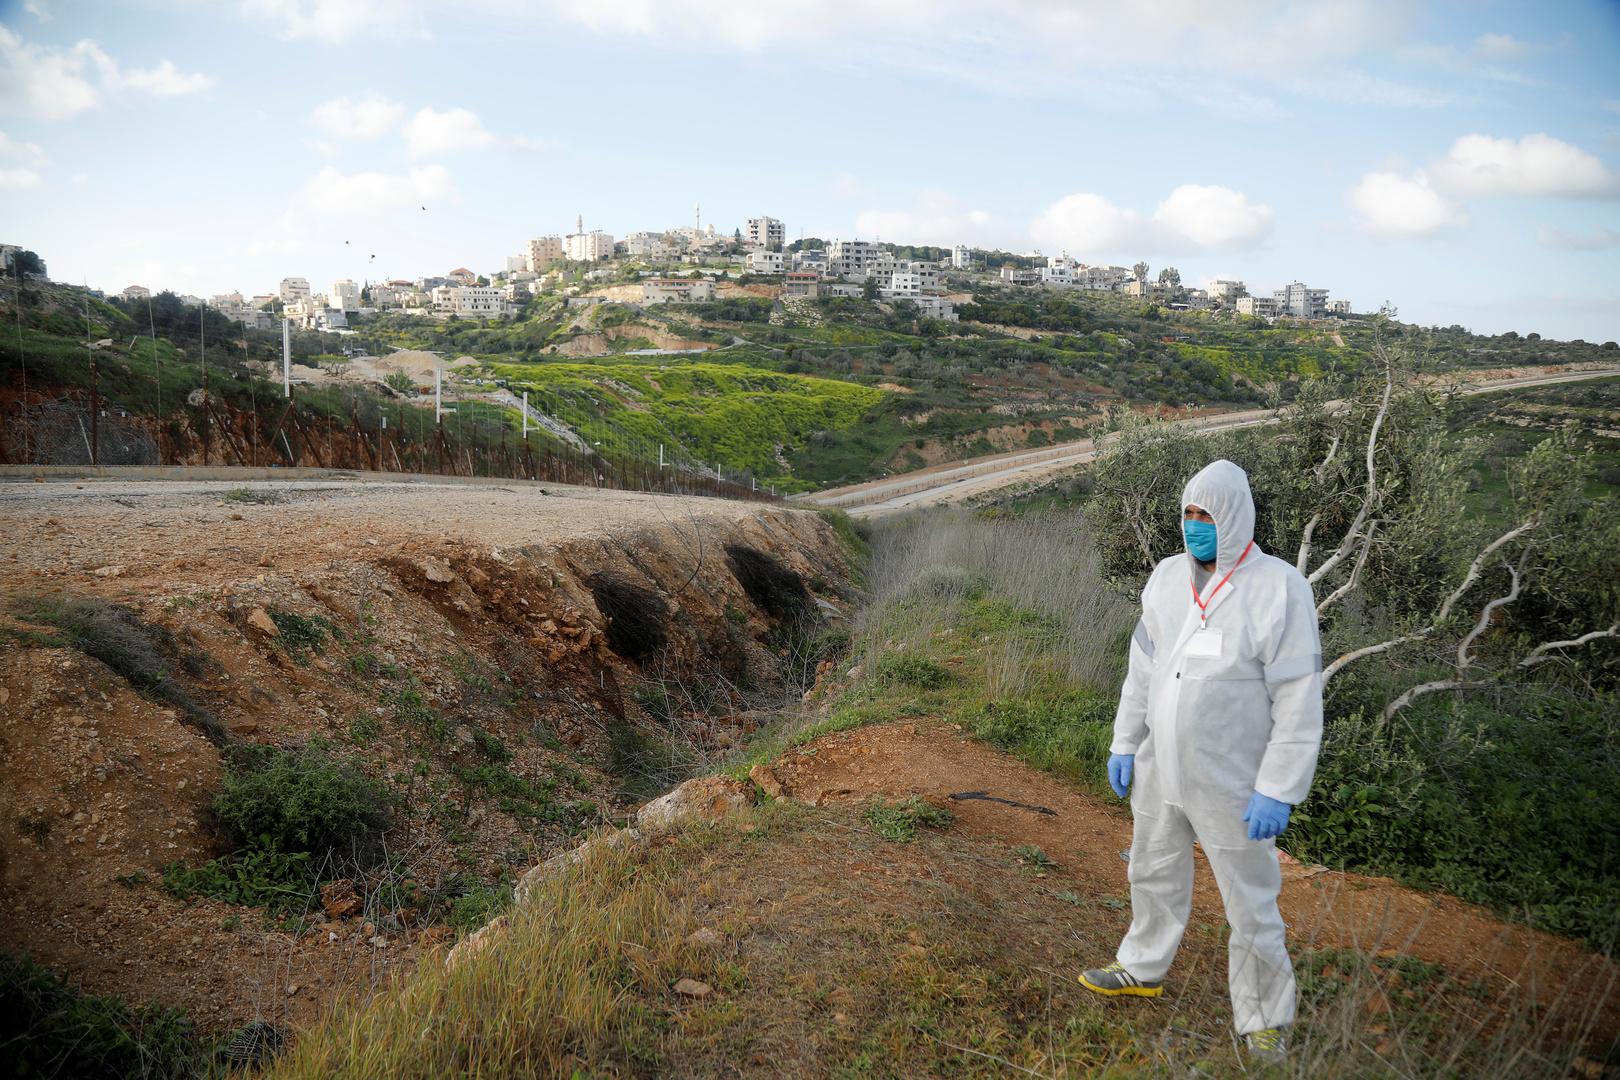 سيناتورات أمريكيون يطالبون إدارة بايدن بالضغط على إسرائيل لتطعيم الفلسطينيين